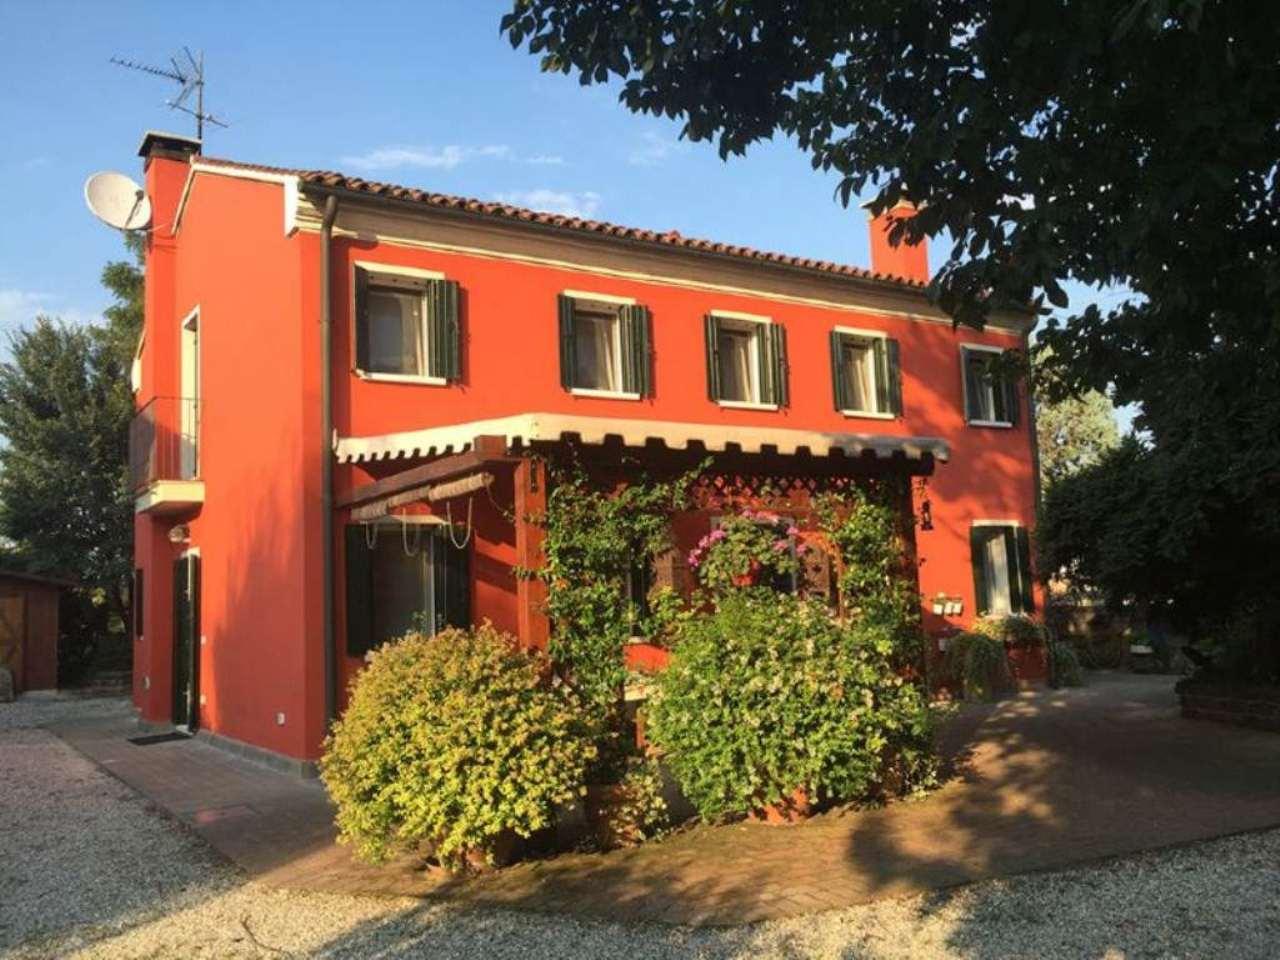 Soluzione Indipendente in vendita a Bovolenta, 7 locali, prezzo € 280.000 | Cambio Casa.it